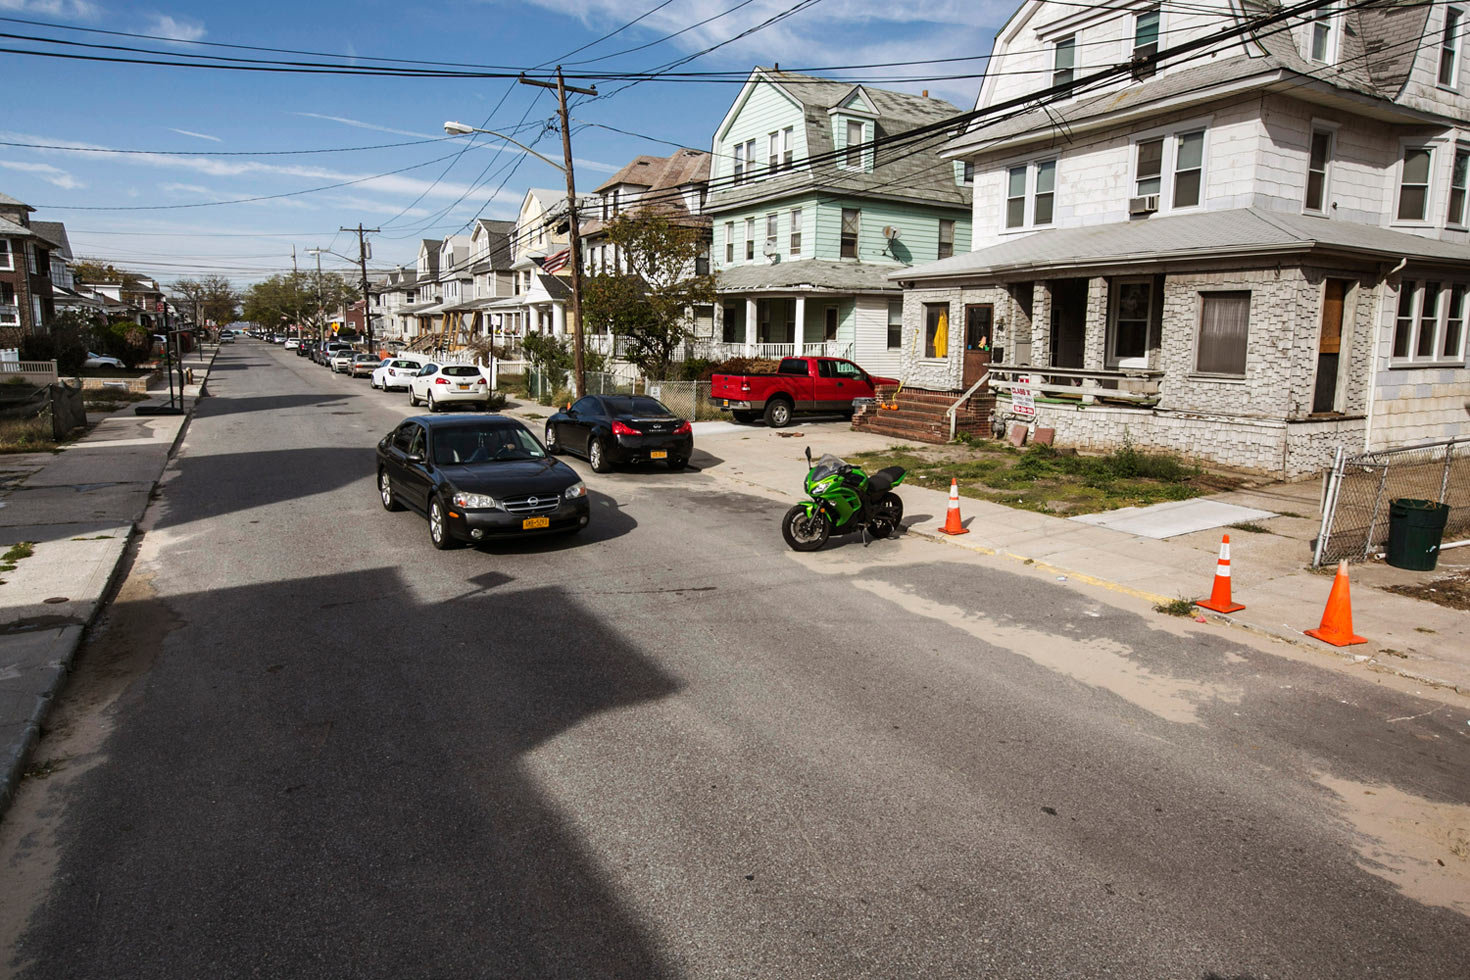 Beach 119th Street, Rockaway, Queens, October 14, 2013